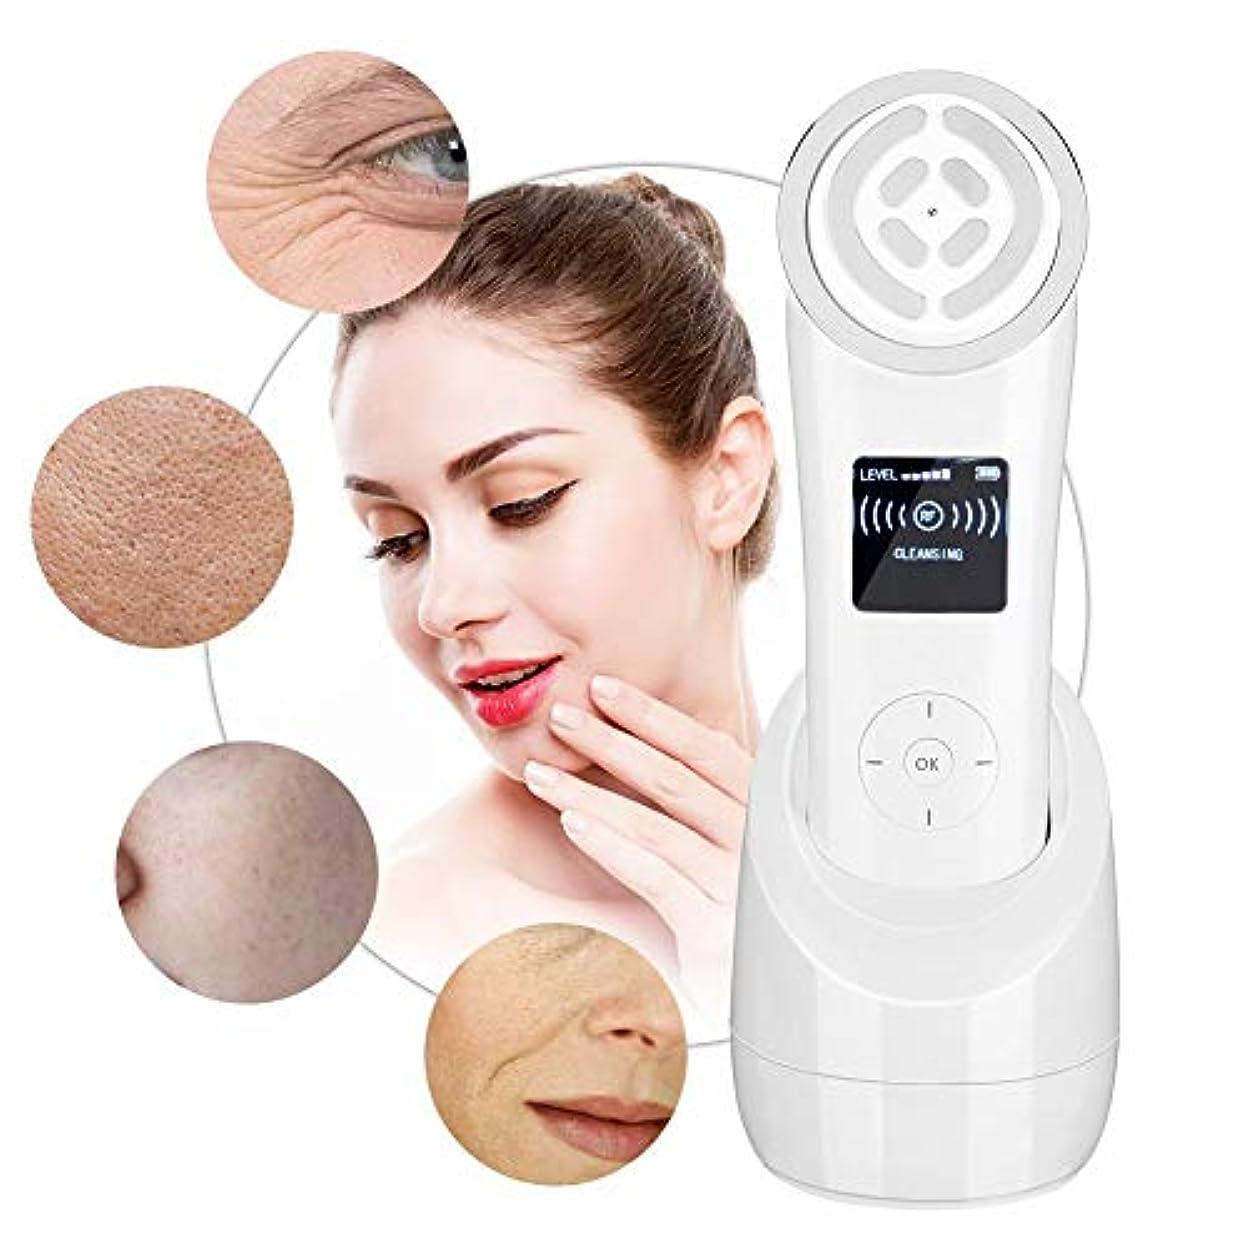 四面体仮説前部顔の美しさのマシン - RF周波数アンチエイジングアンチリンクル、肌の若返り楽器 - ポータブル若返り肌がEMS筋肉刺激を強化(UE)